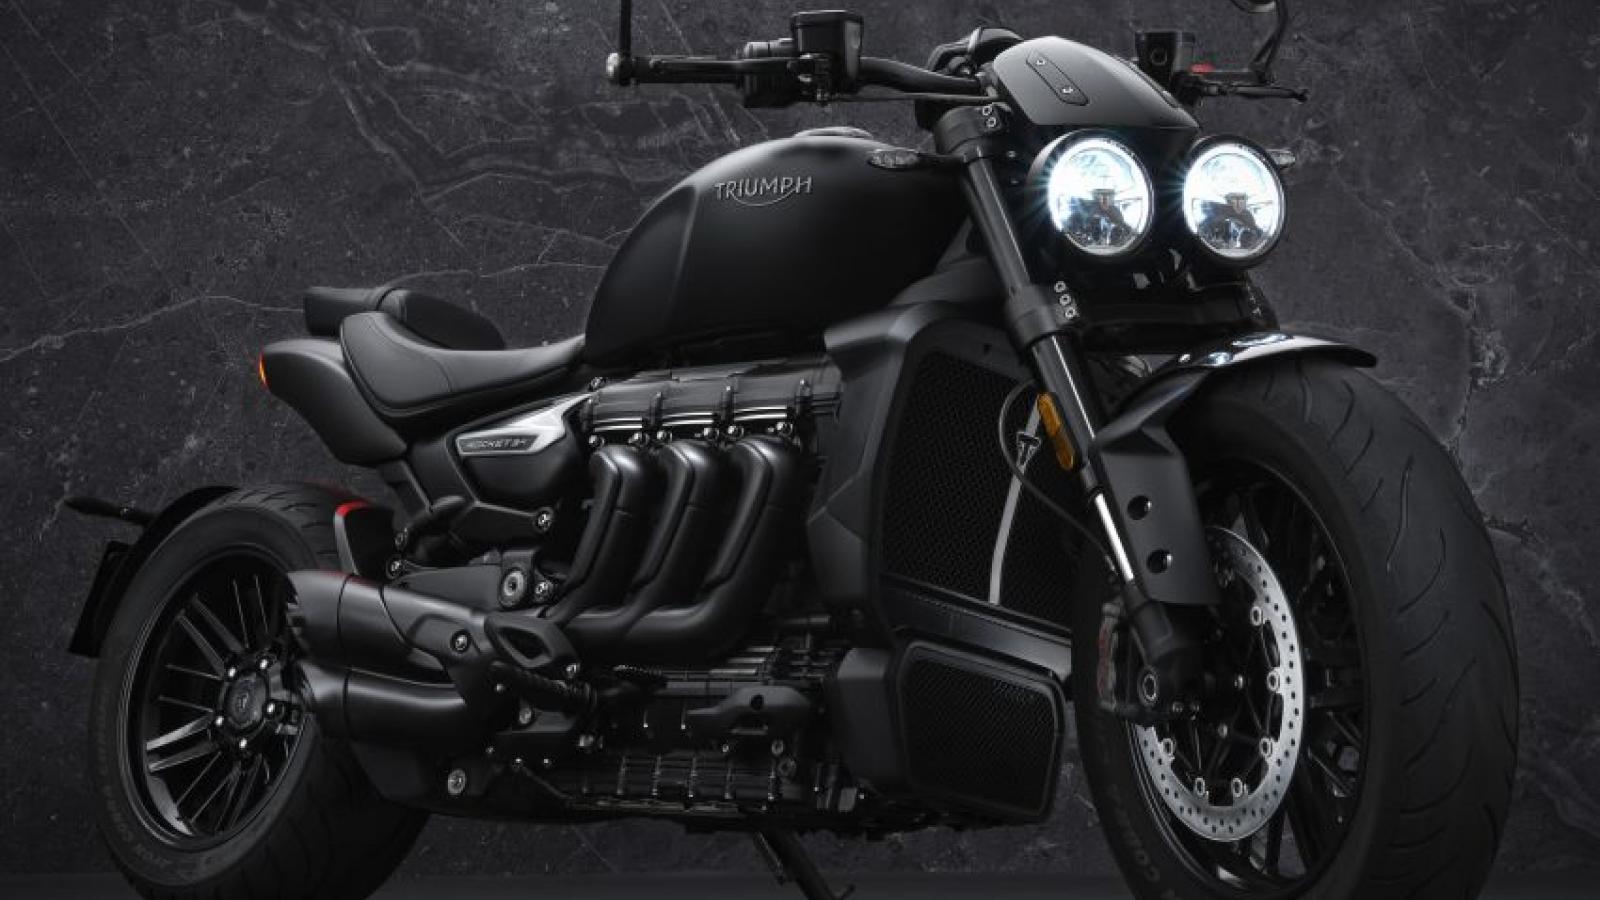 Khám phá Triumph Rocket 3 R Black và Rocket 3 GT Triple Black 2021 bản giới hạn